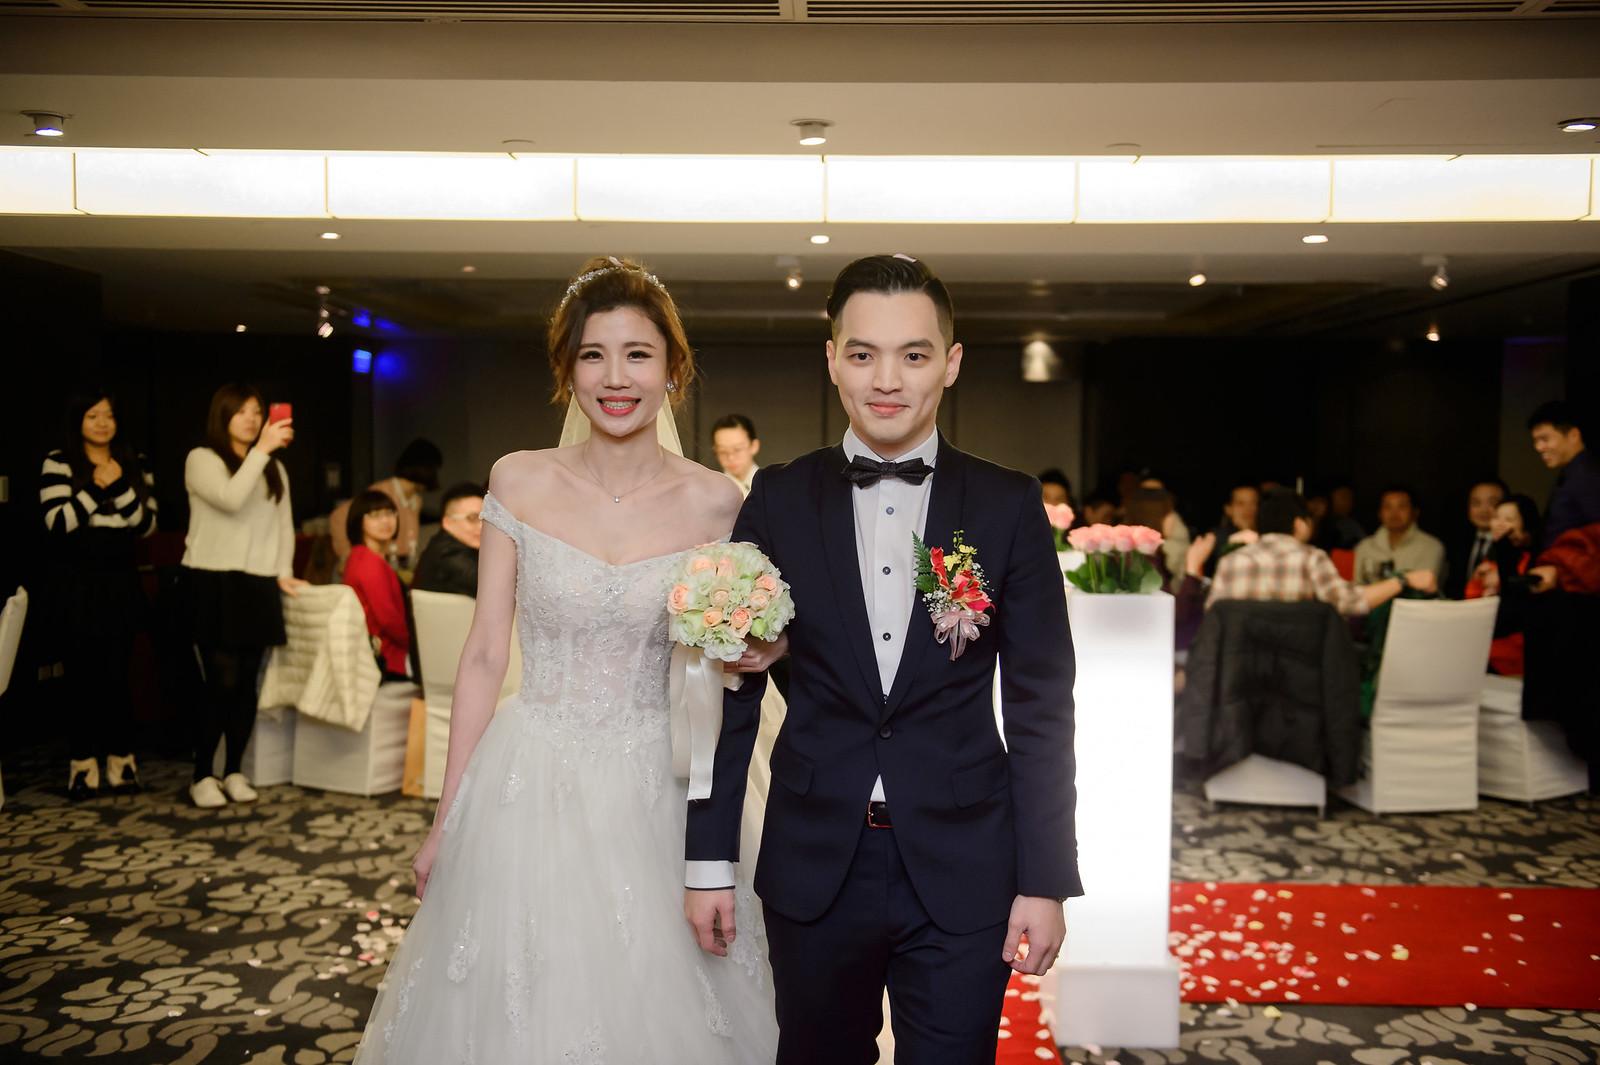 台北婚攝, 婚禮攝影, 婚攝, 婚攝守恆, 婚攝推薦, 晶華酒店, 晶華酒店婚宴, 晶華酒店婚攝-74